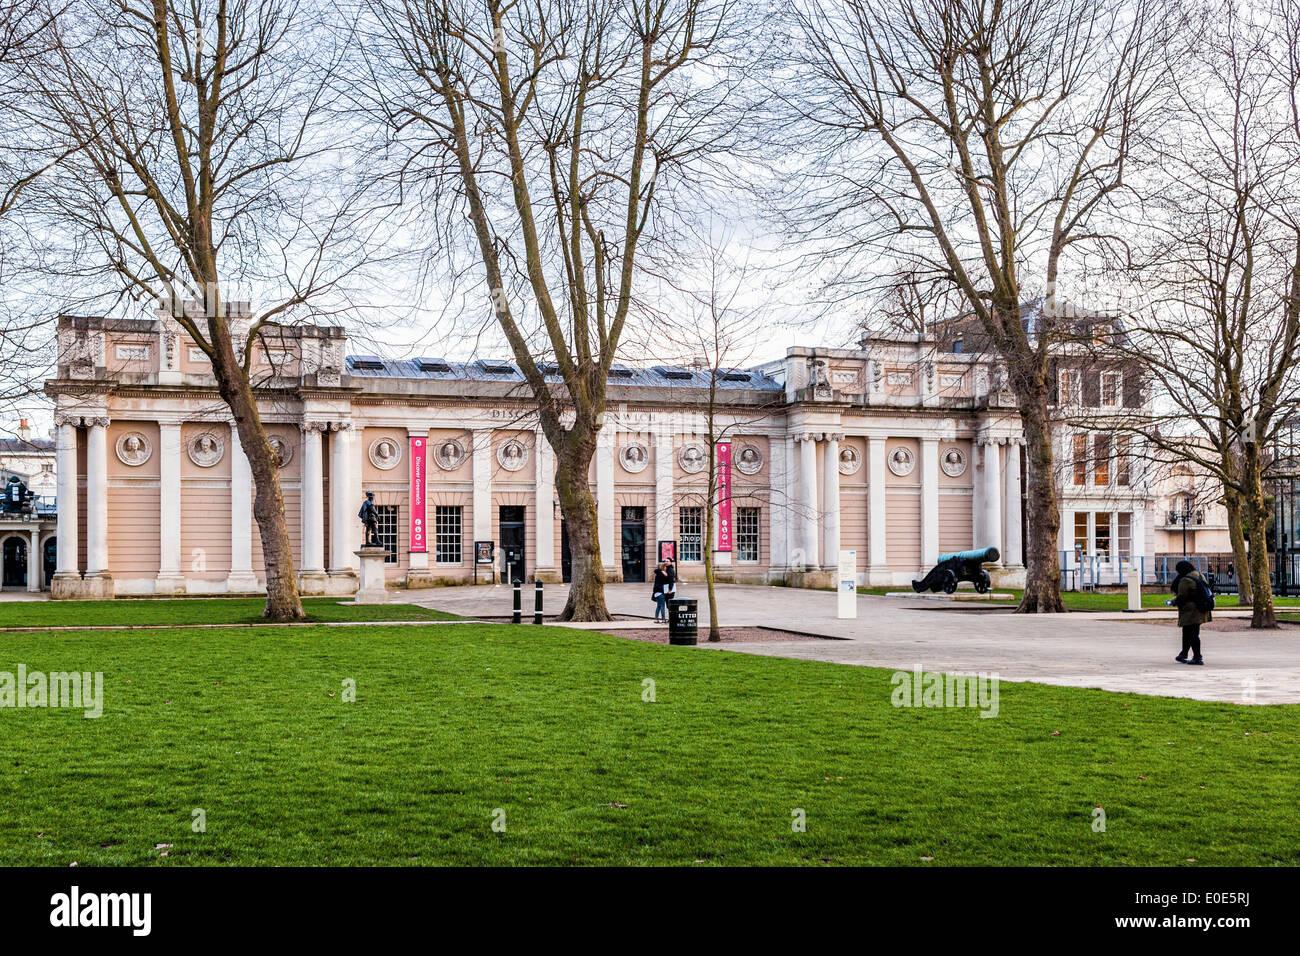 Découvrez Greenwich Visitor Center à l'Old Royal Naval College - Grade II orné énumérés Pepys building, Greenwich, London, UK Photo Stock